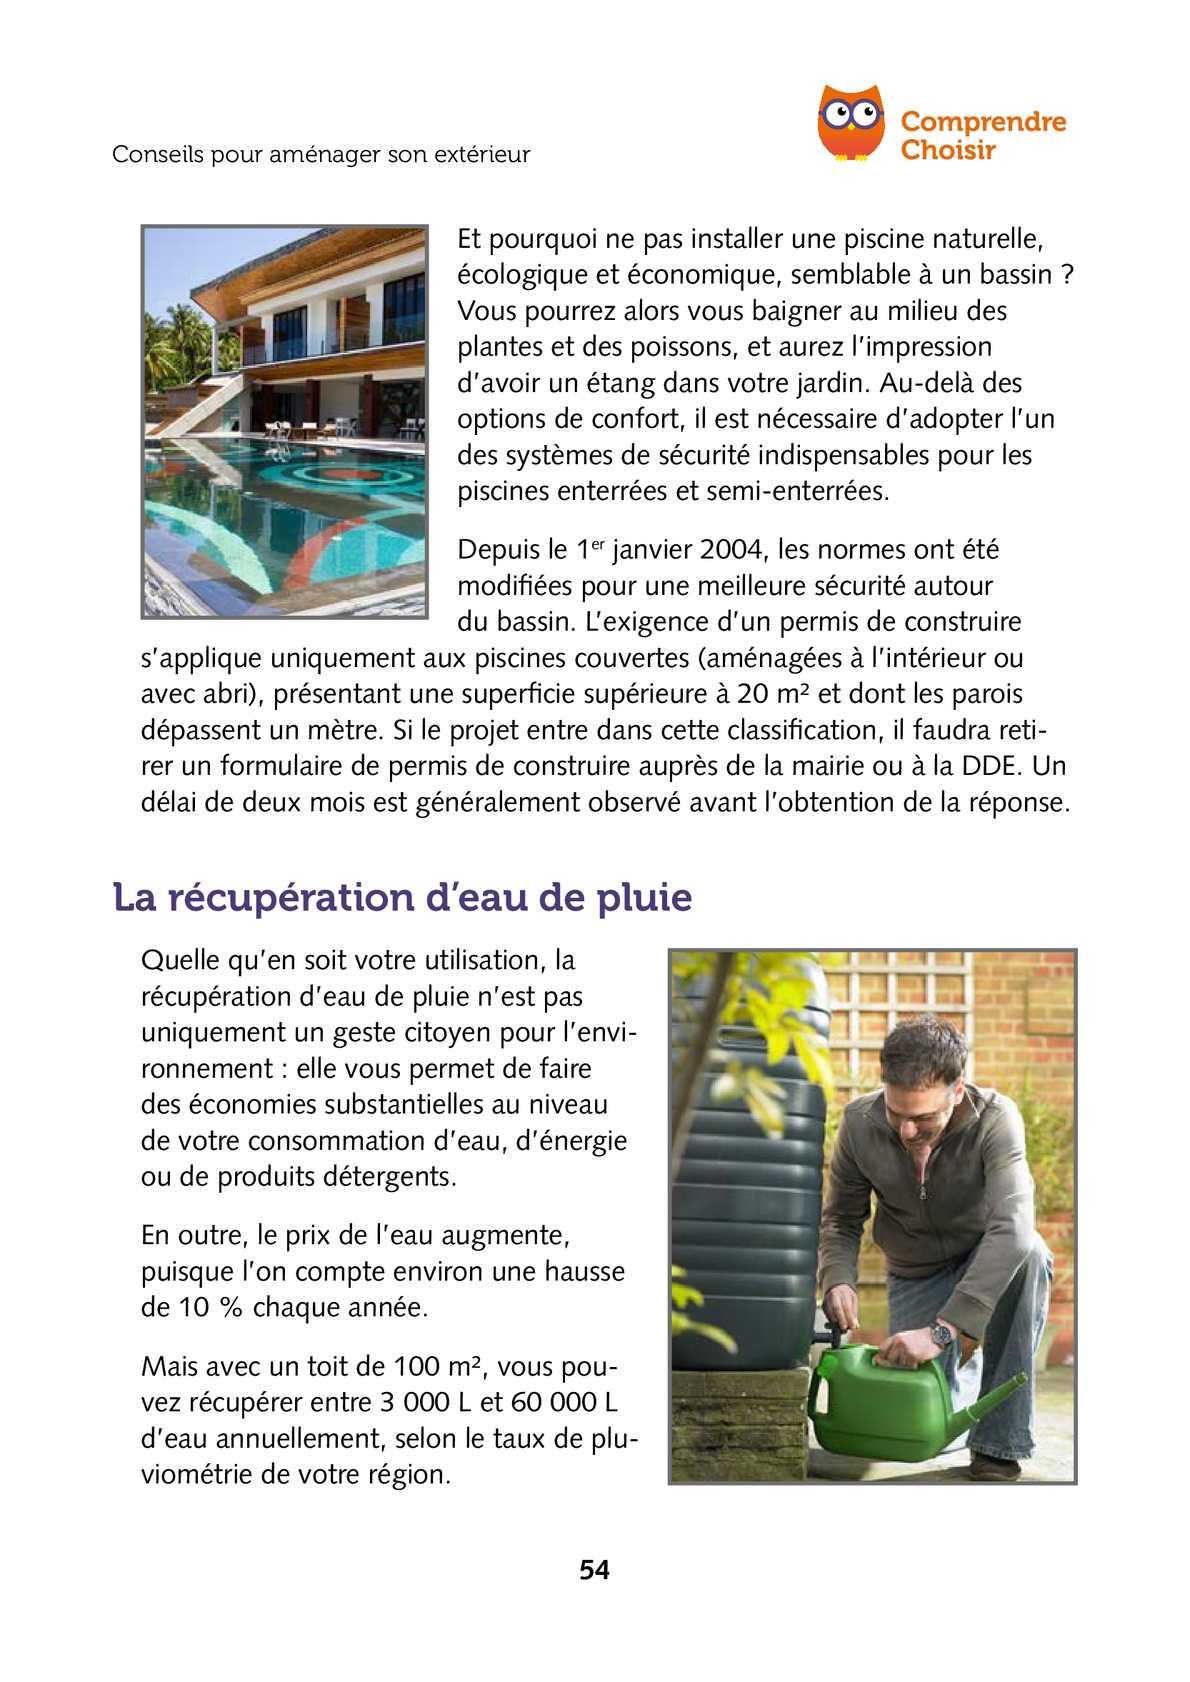 Faire Un Bassin Exterieur plans 40 maisons - calameo downloader